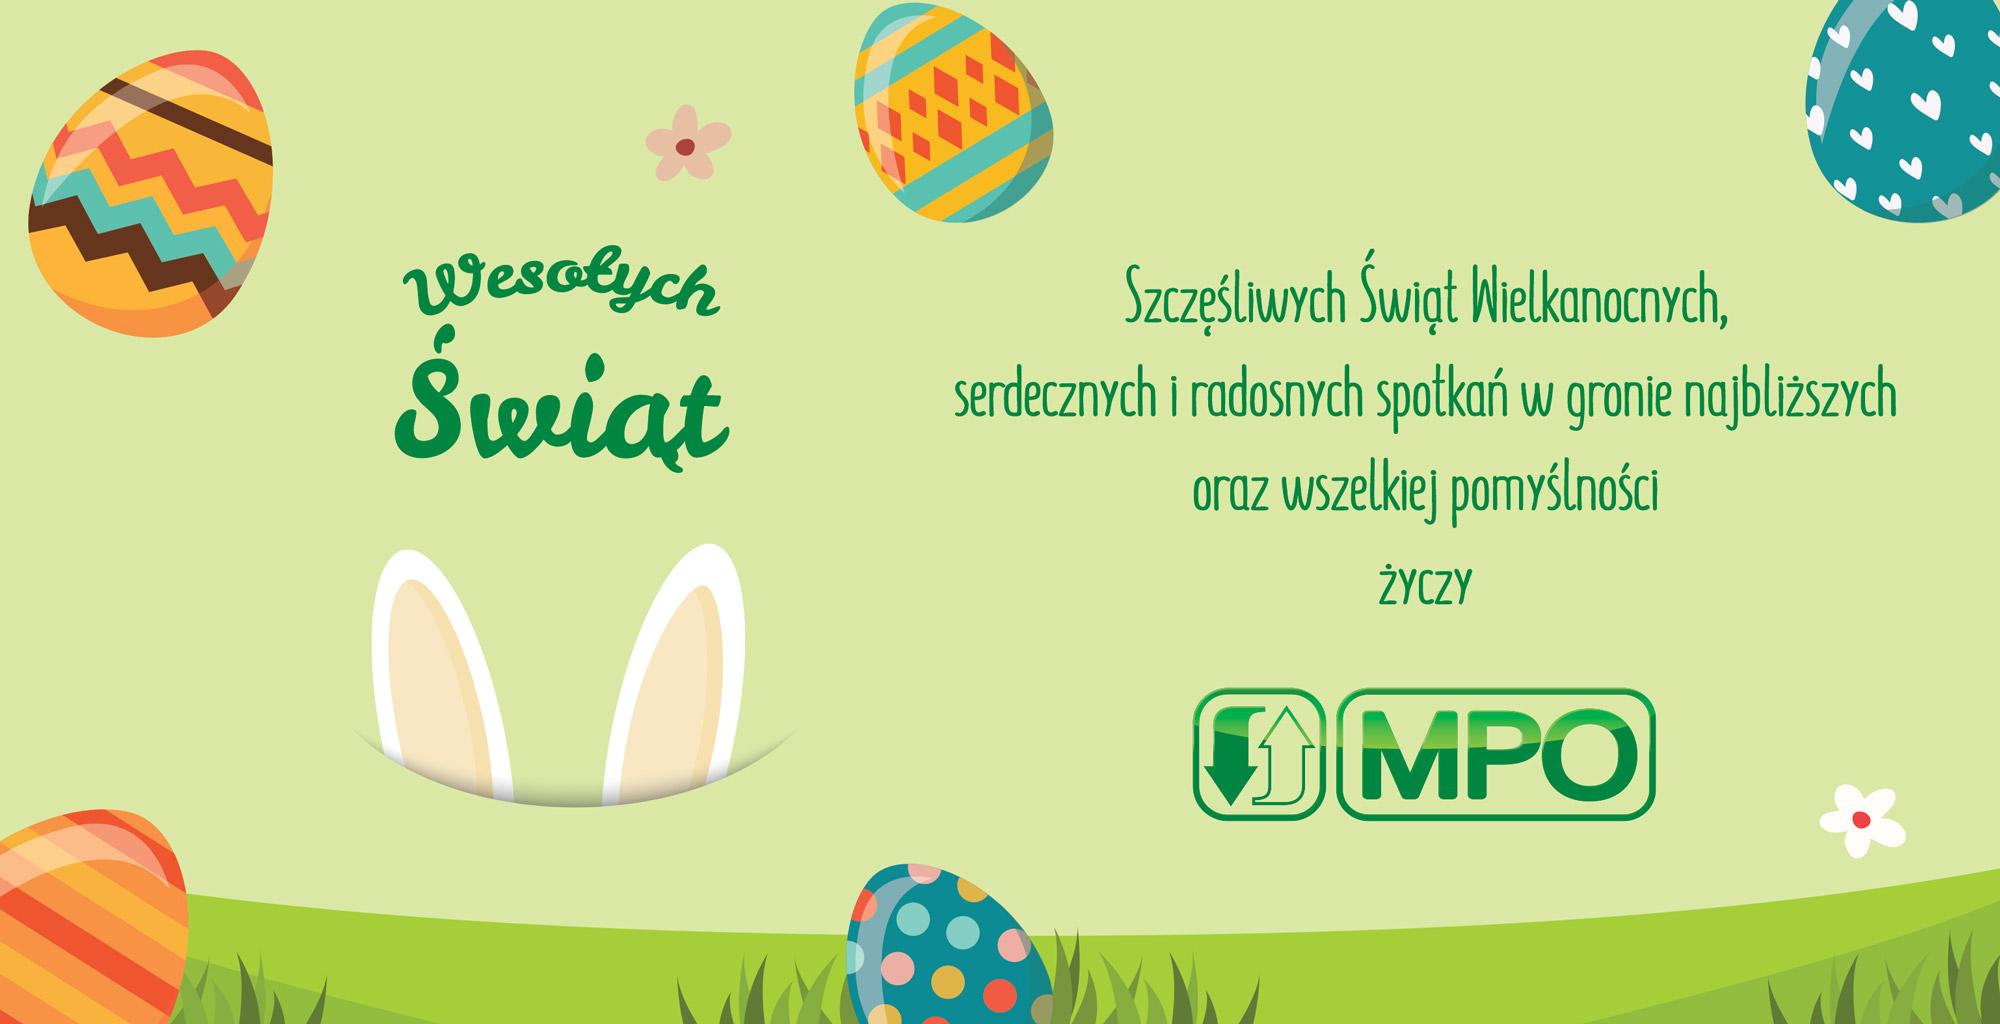 Życzenia Wielkanocne 2017 MPO